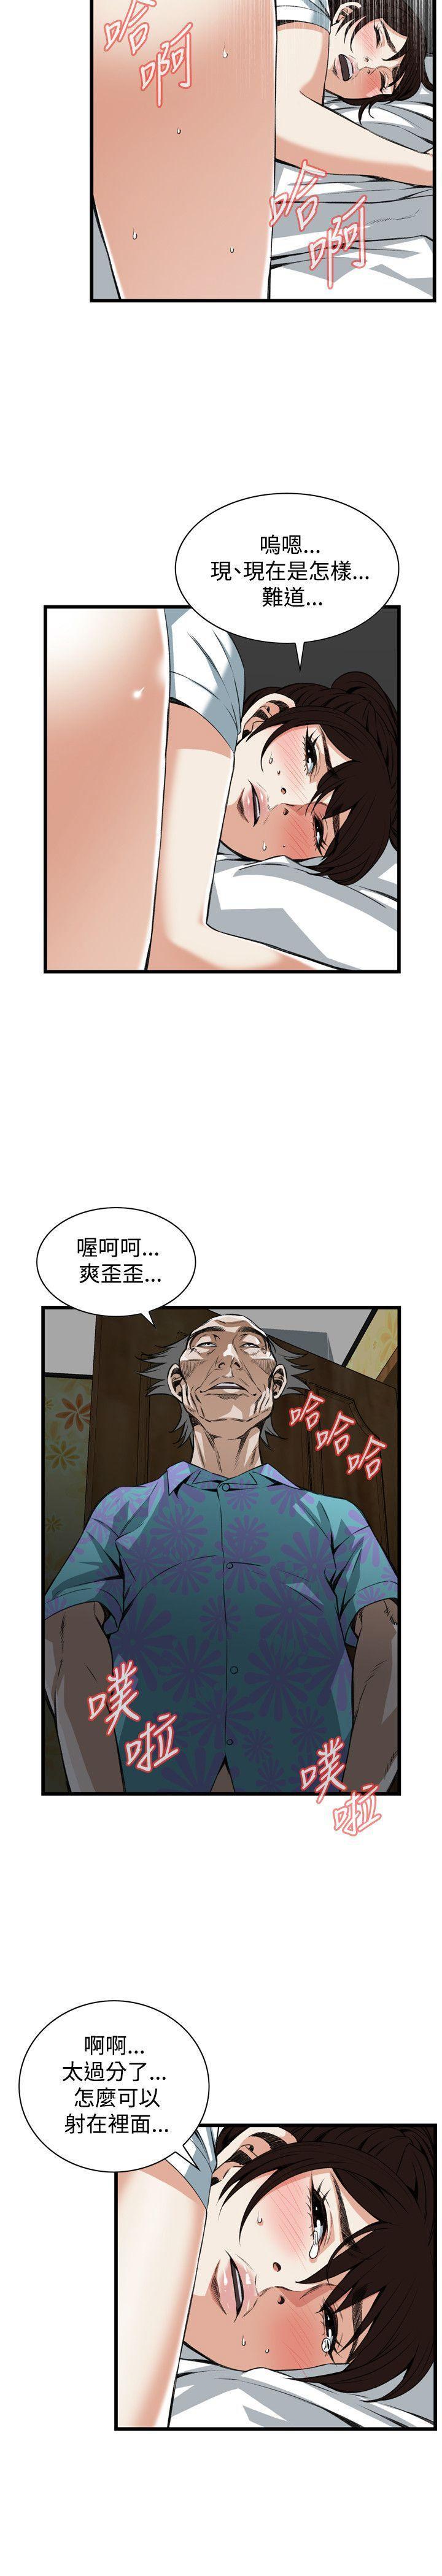 偷窥72-93 Chinese Rsiky 445